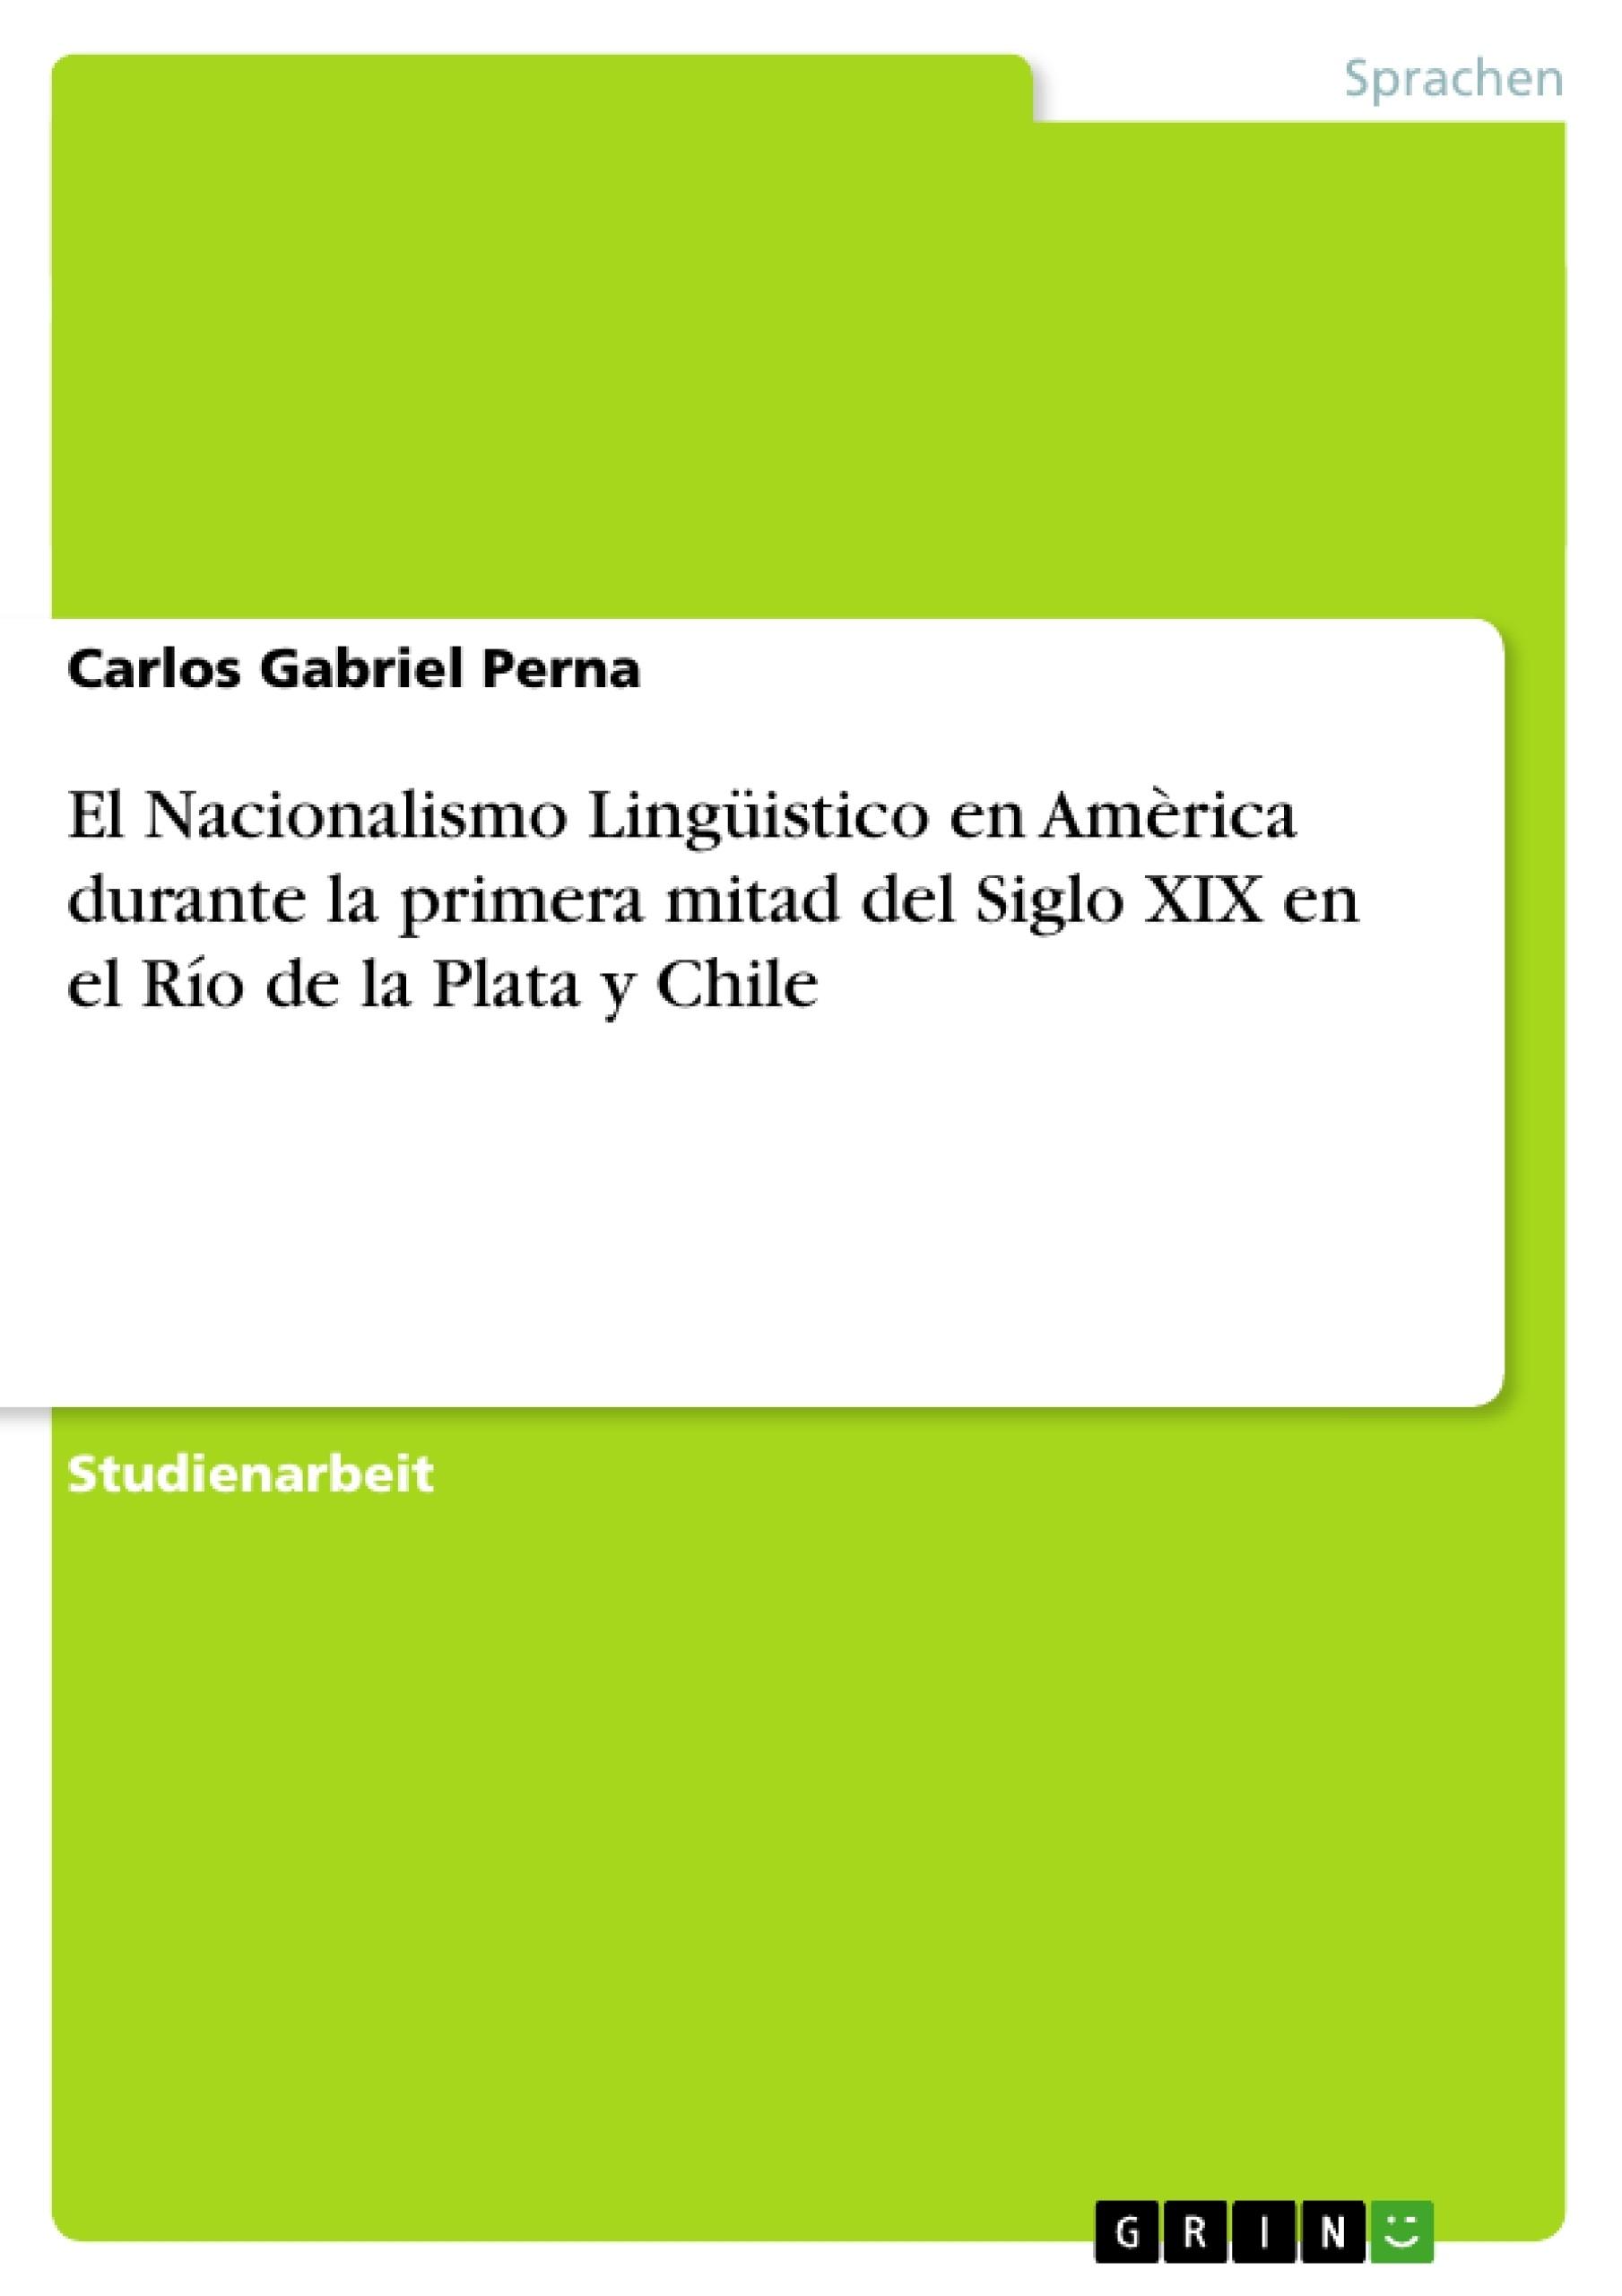 Titel: El Nacionalismo Lingüistico en Amèrica durante la primera mitad del Siglo XIX en el Río de la Plata y Chile